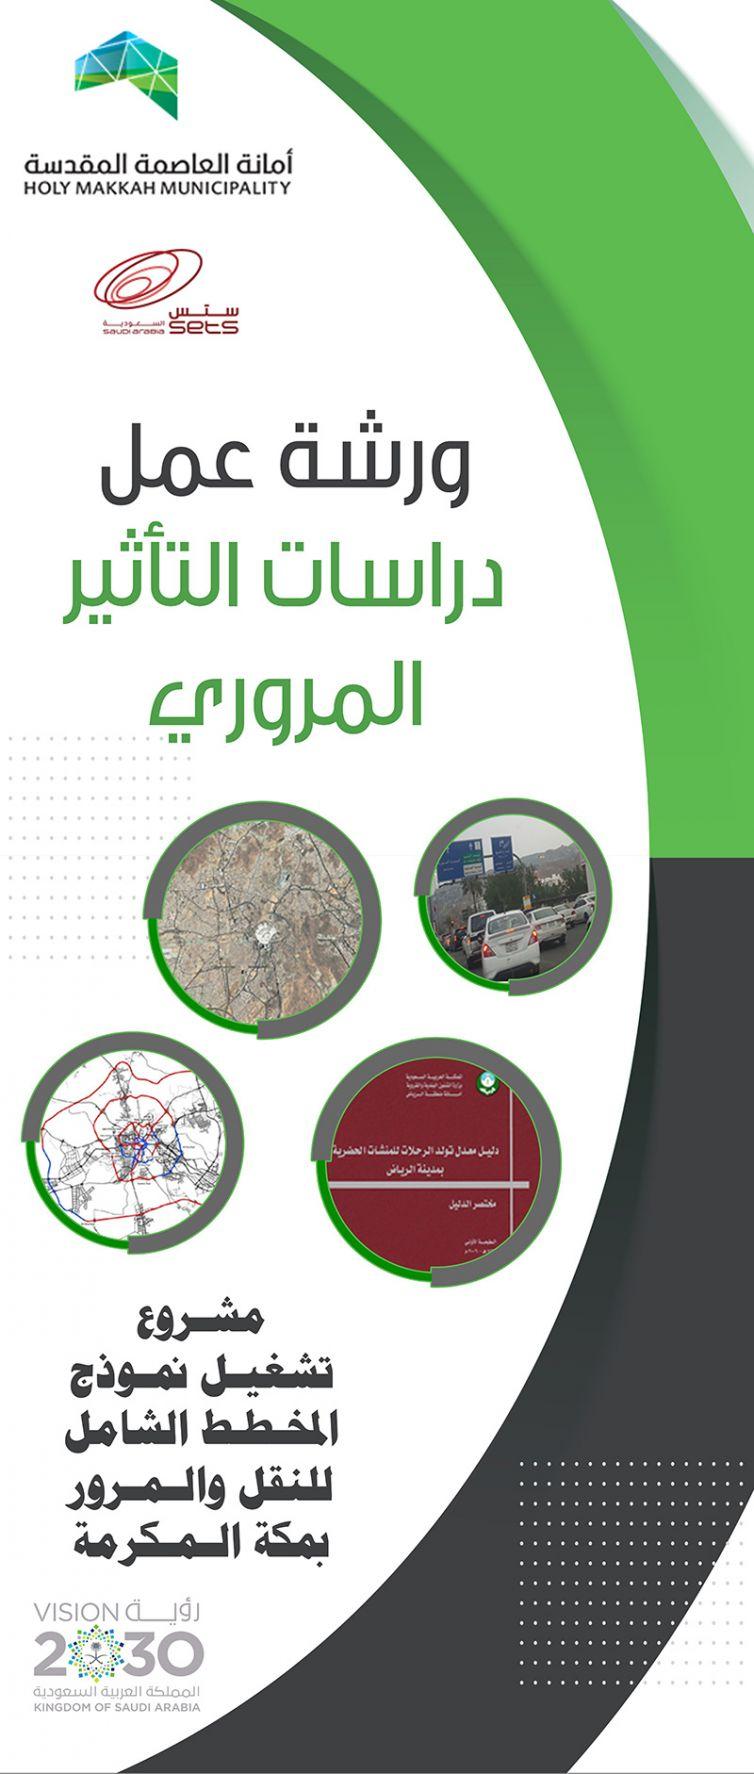 بانر ورشة عمل دراسات التأثير المروري – شركة ستس السعودية ( النموذج الثاني )